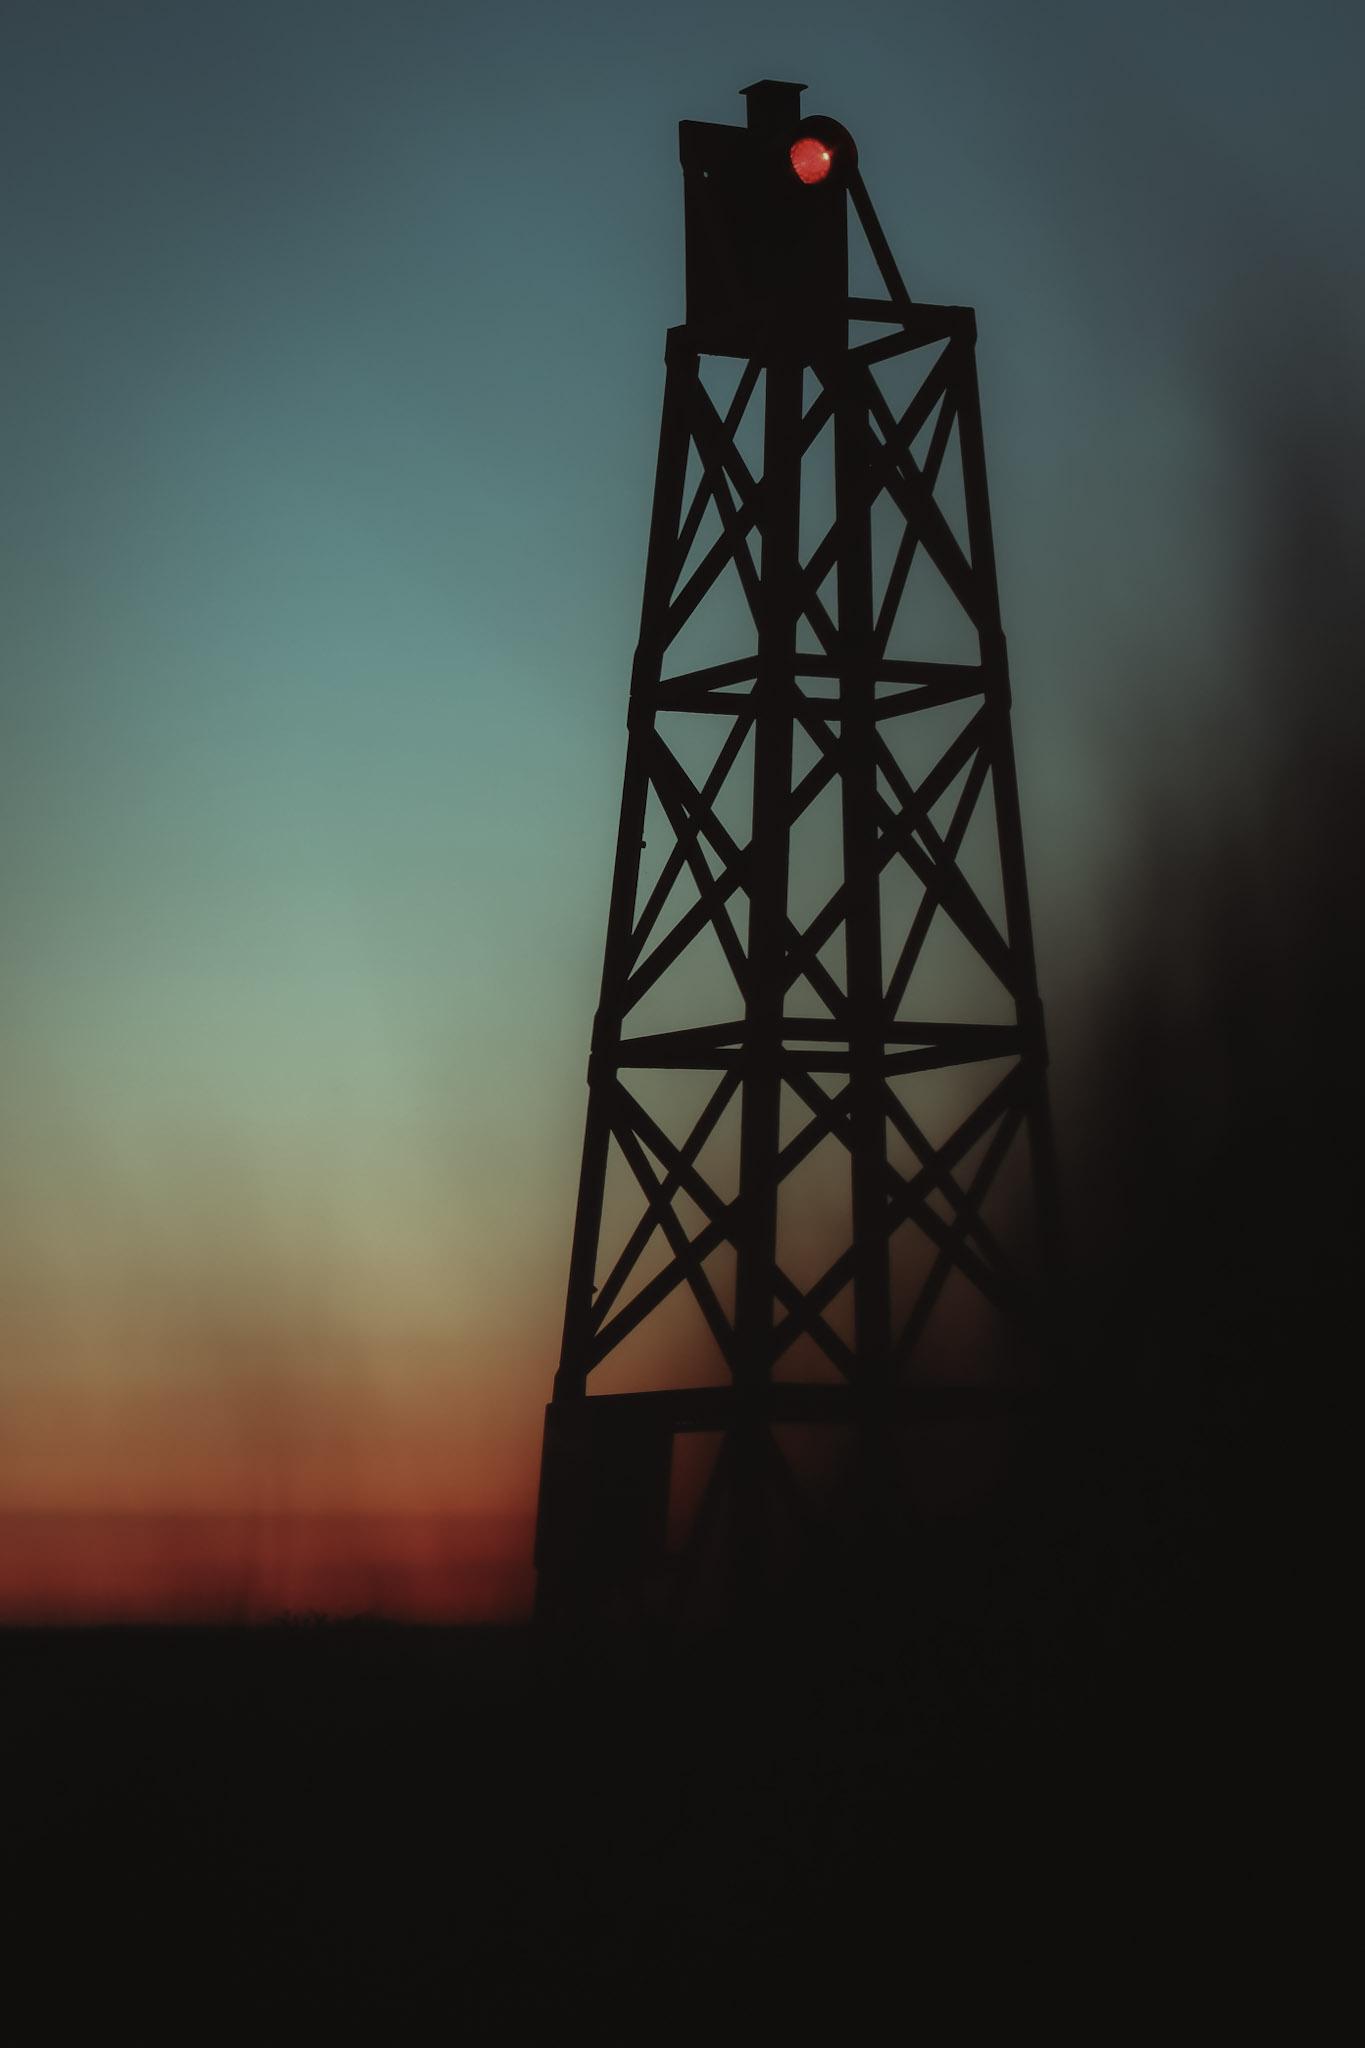 solnedgång Öregrund roslagen